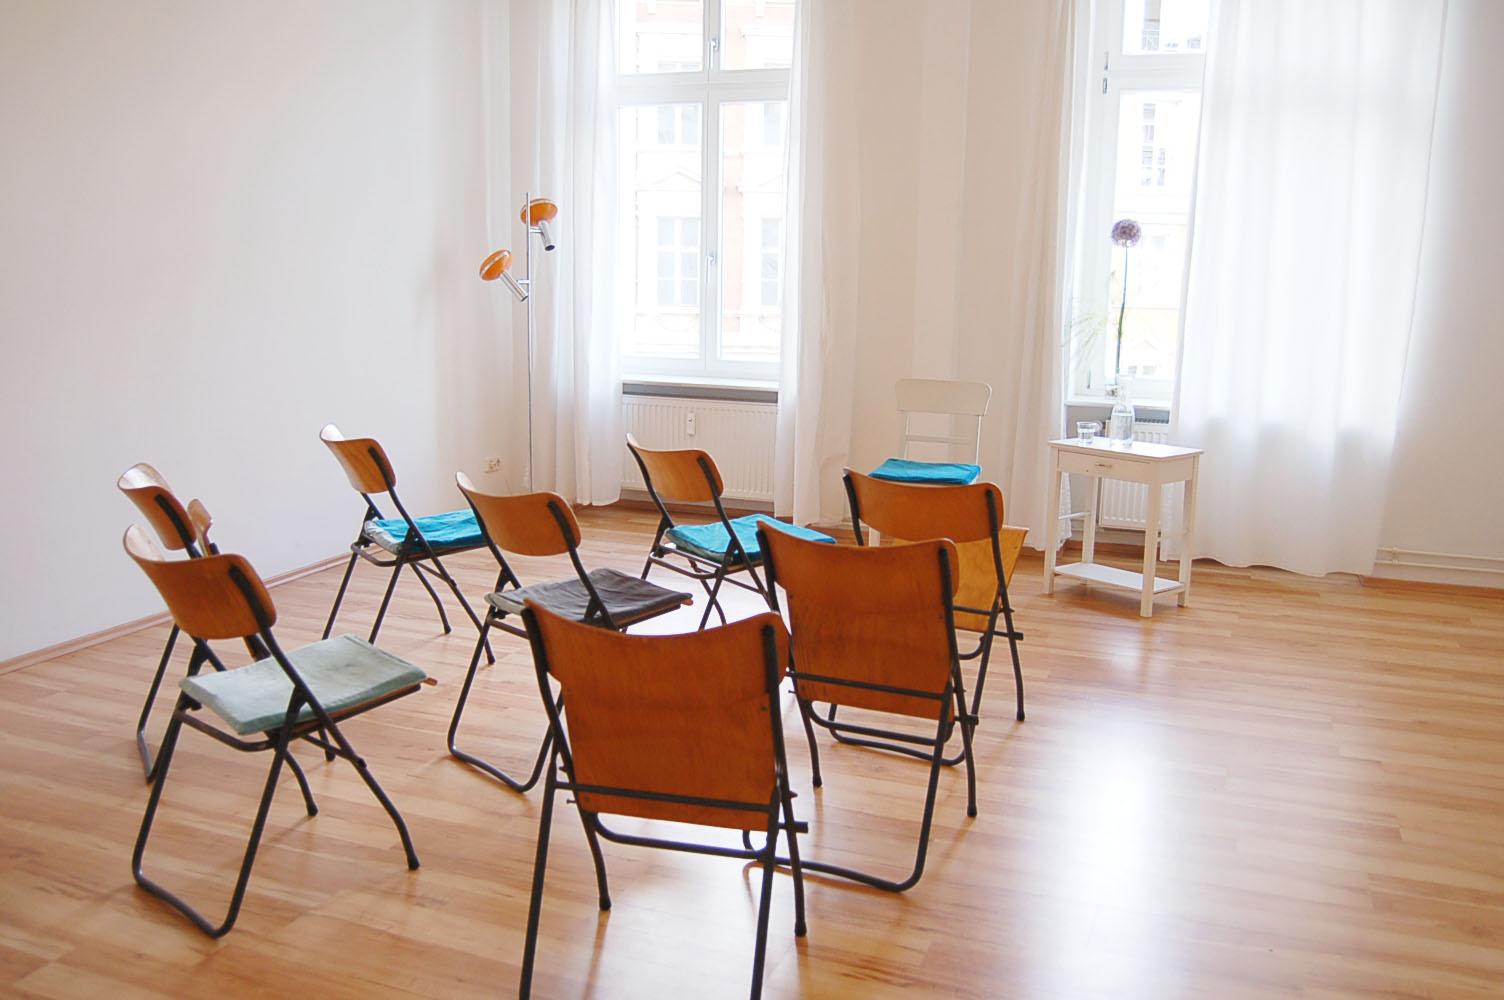 nutzungsm glichkeiten koerperraum mitte. Black Bedroom Furniture Sets. Home Design Ideas